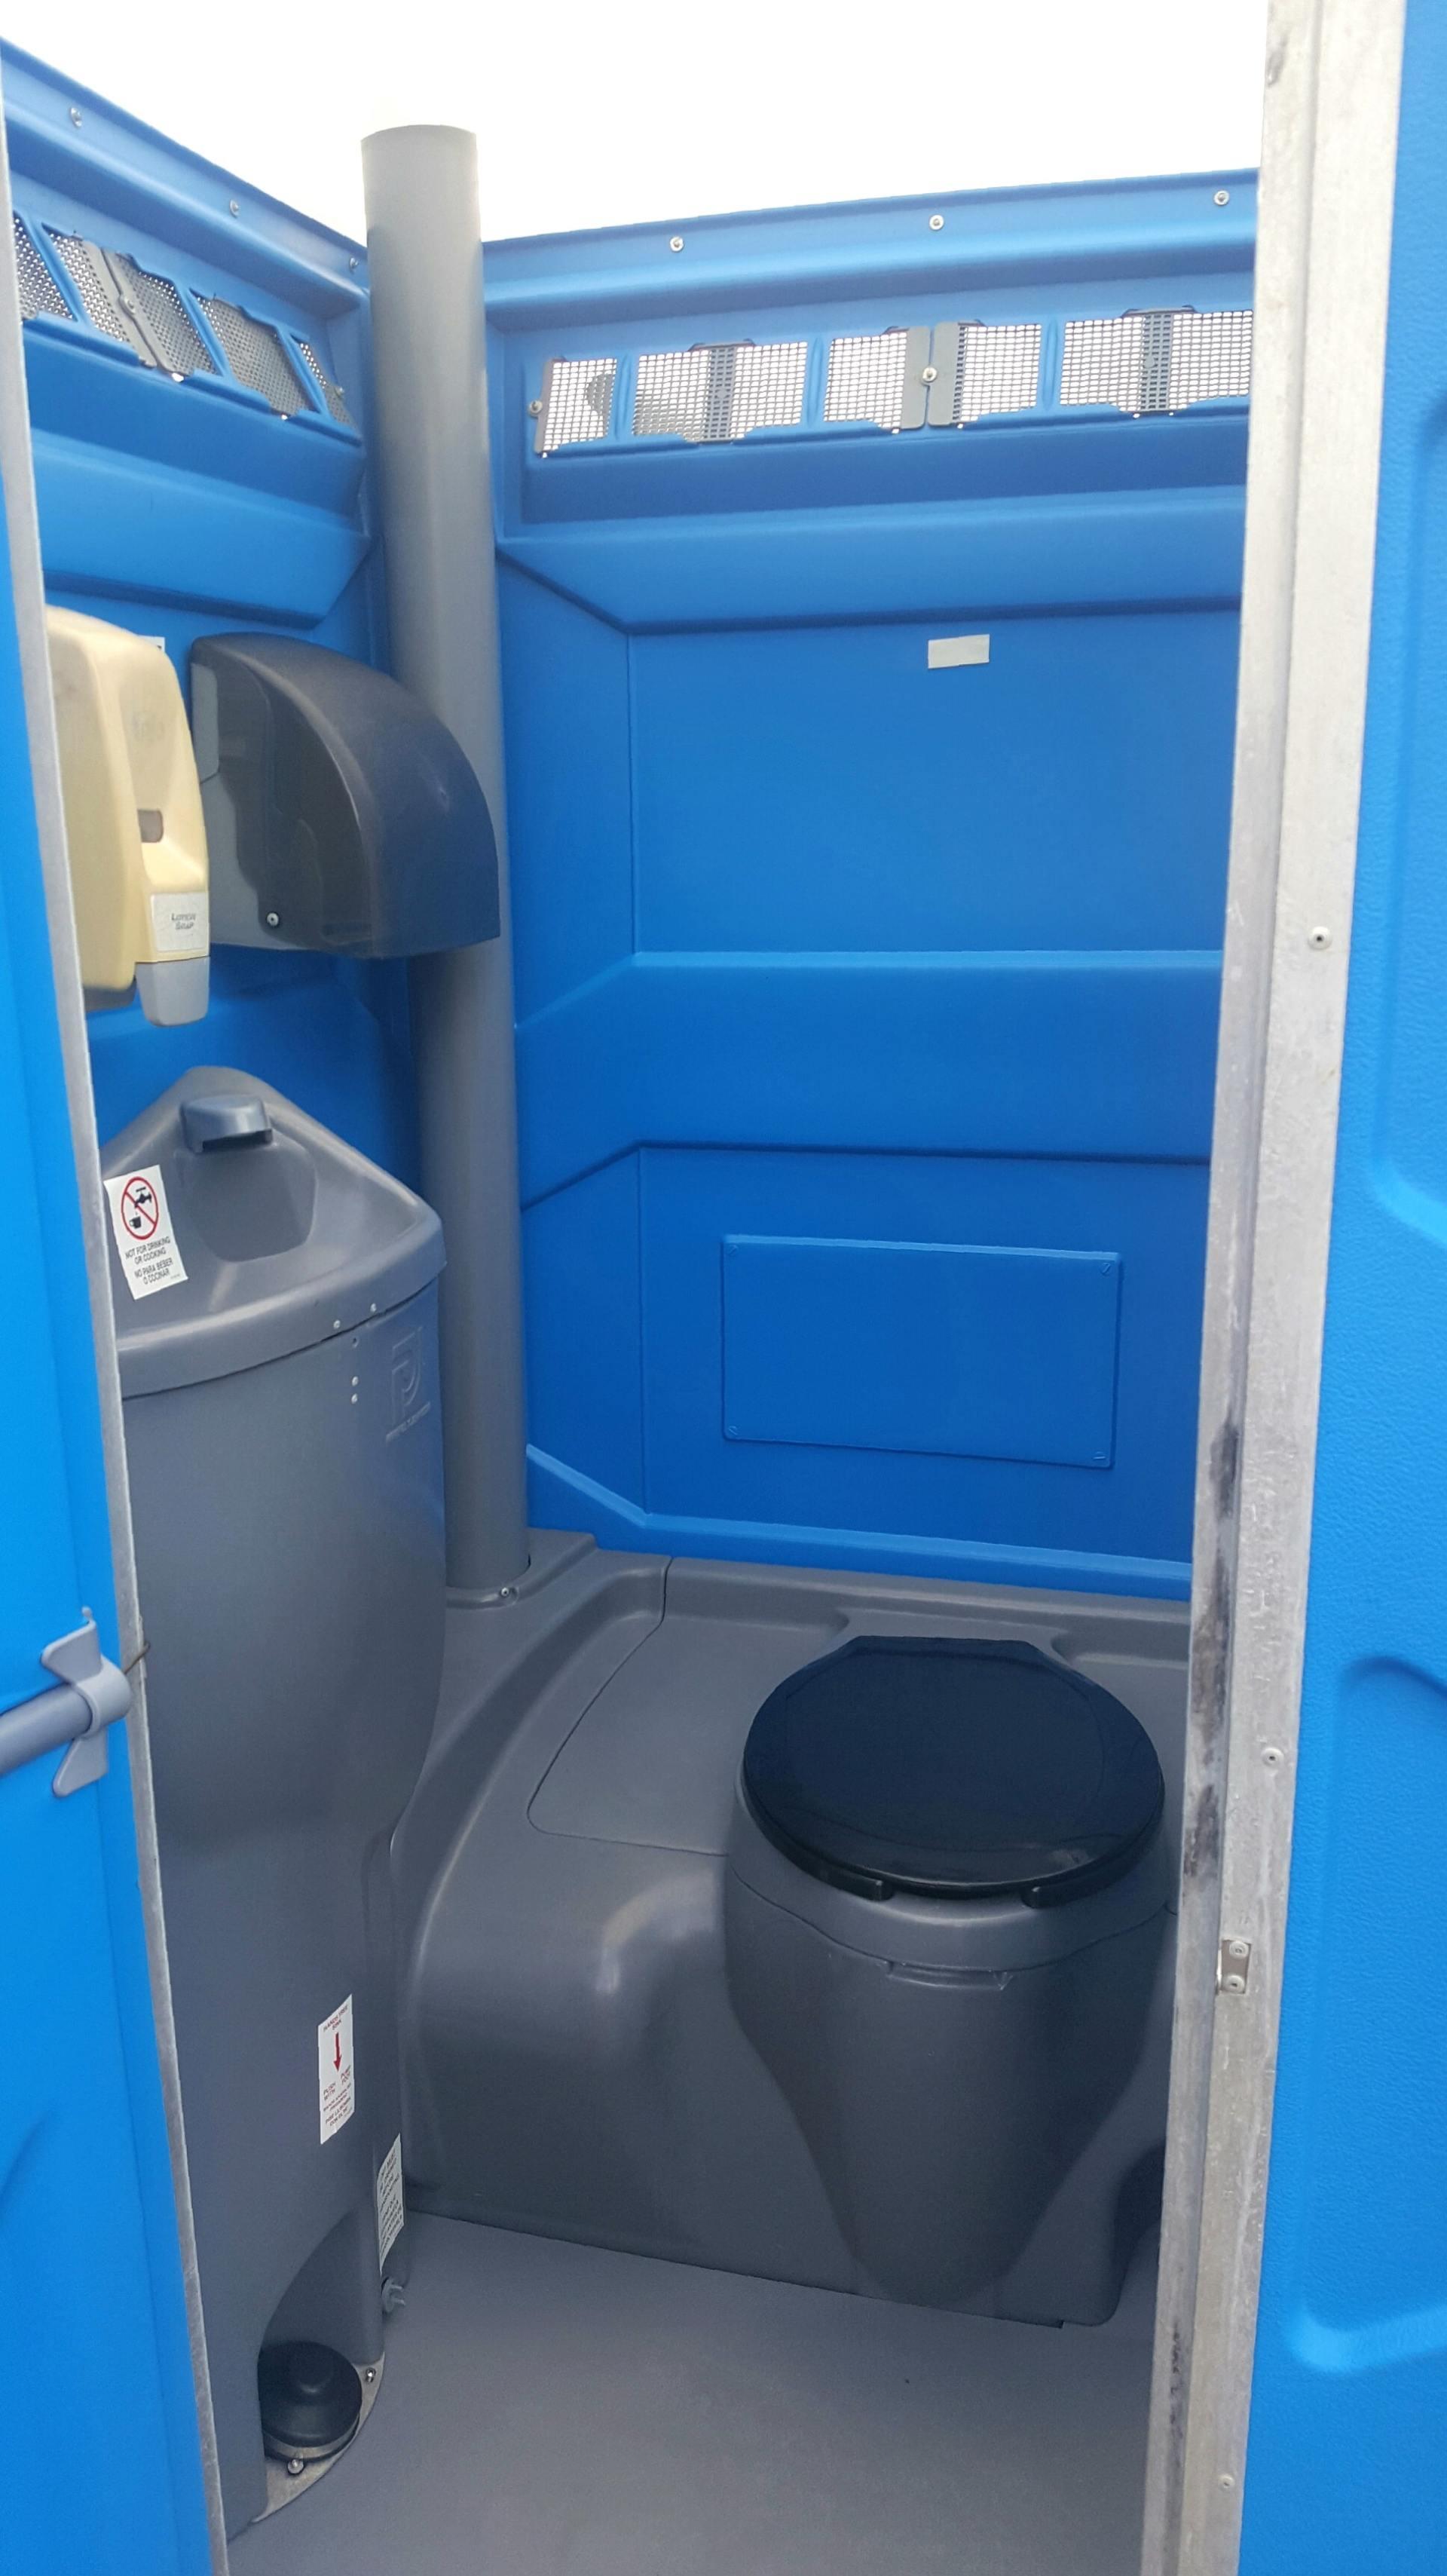 Flush-unit1